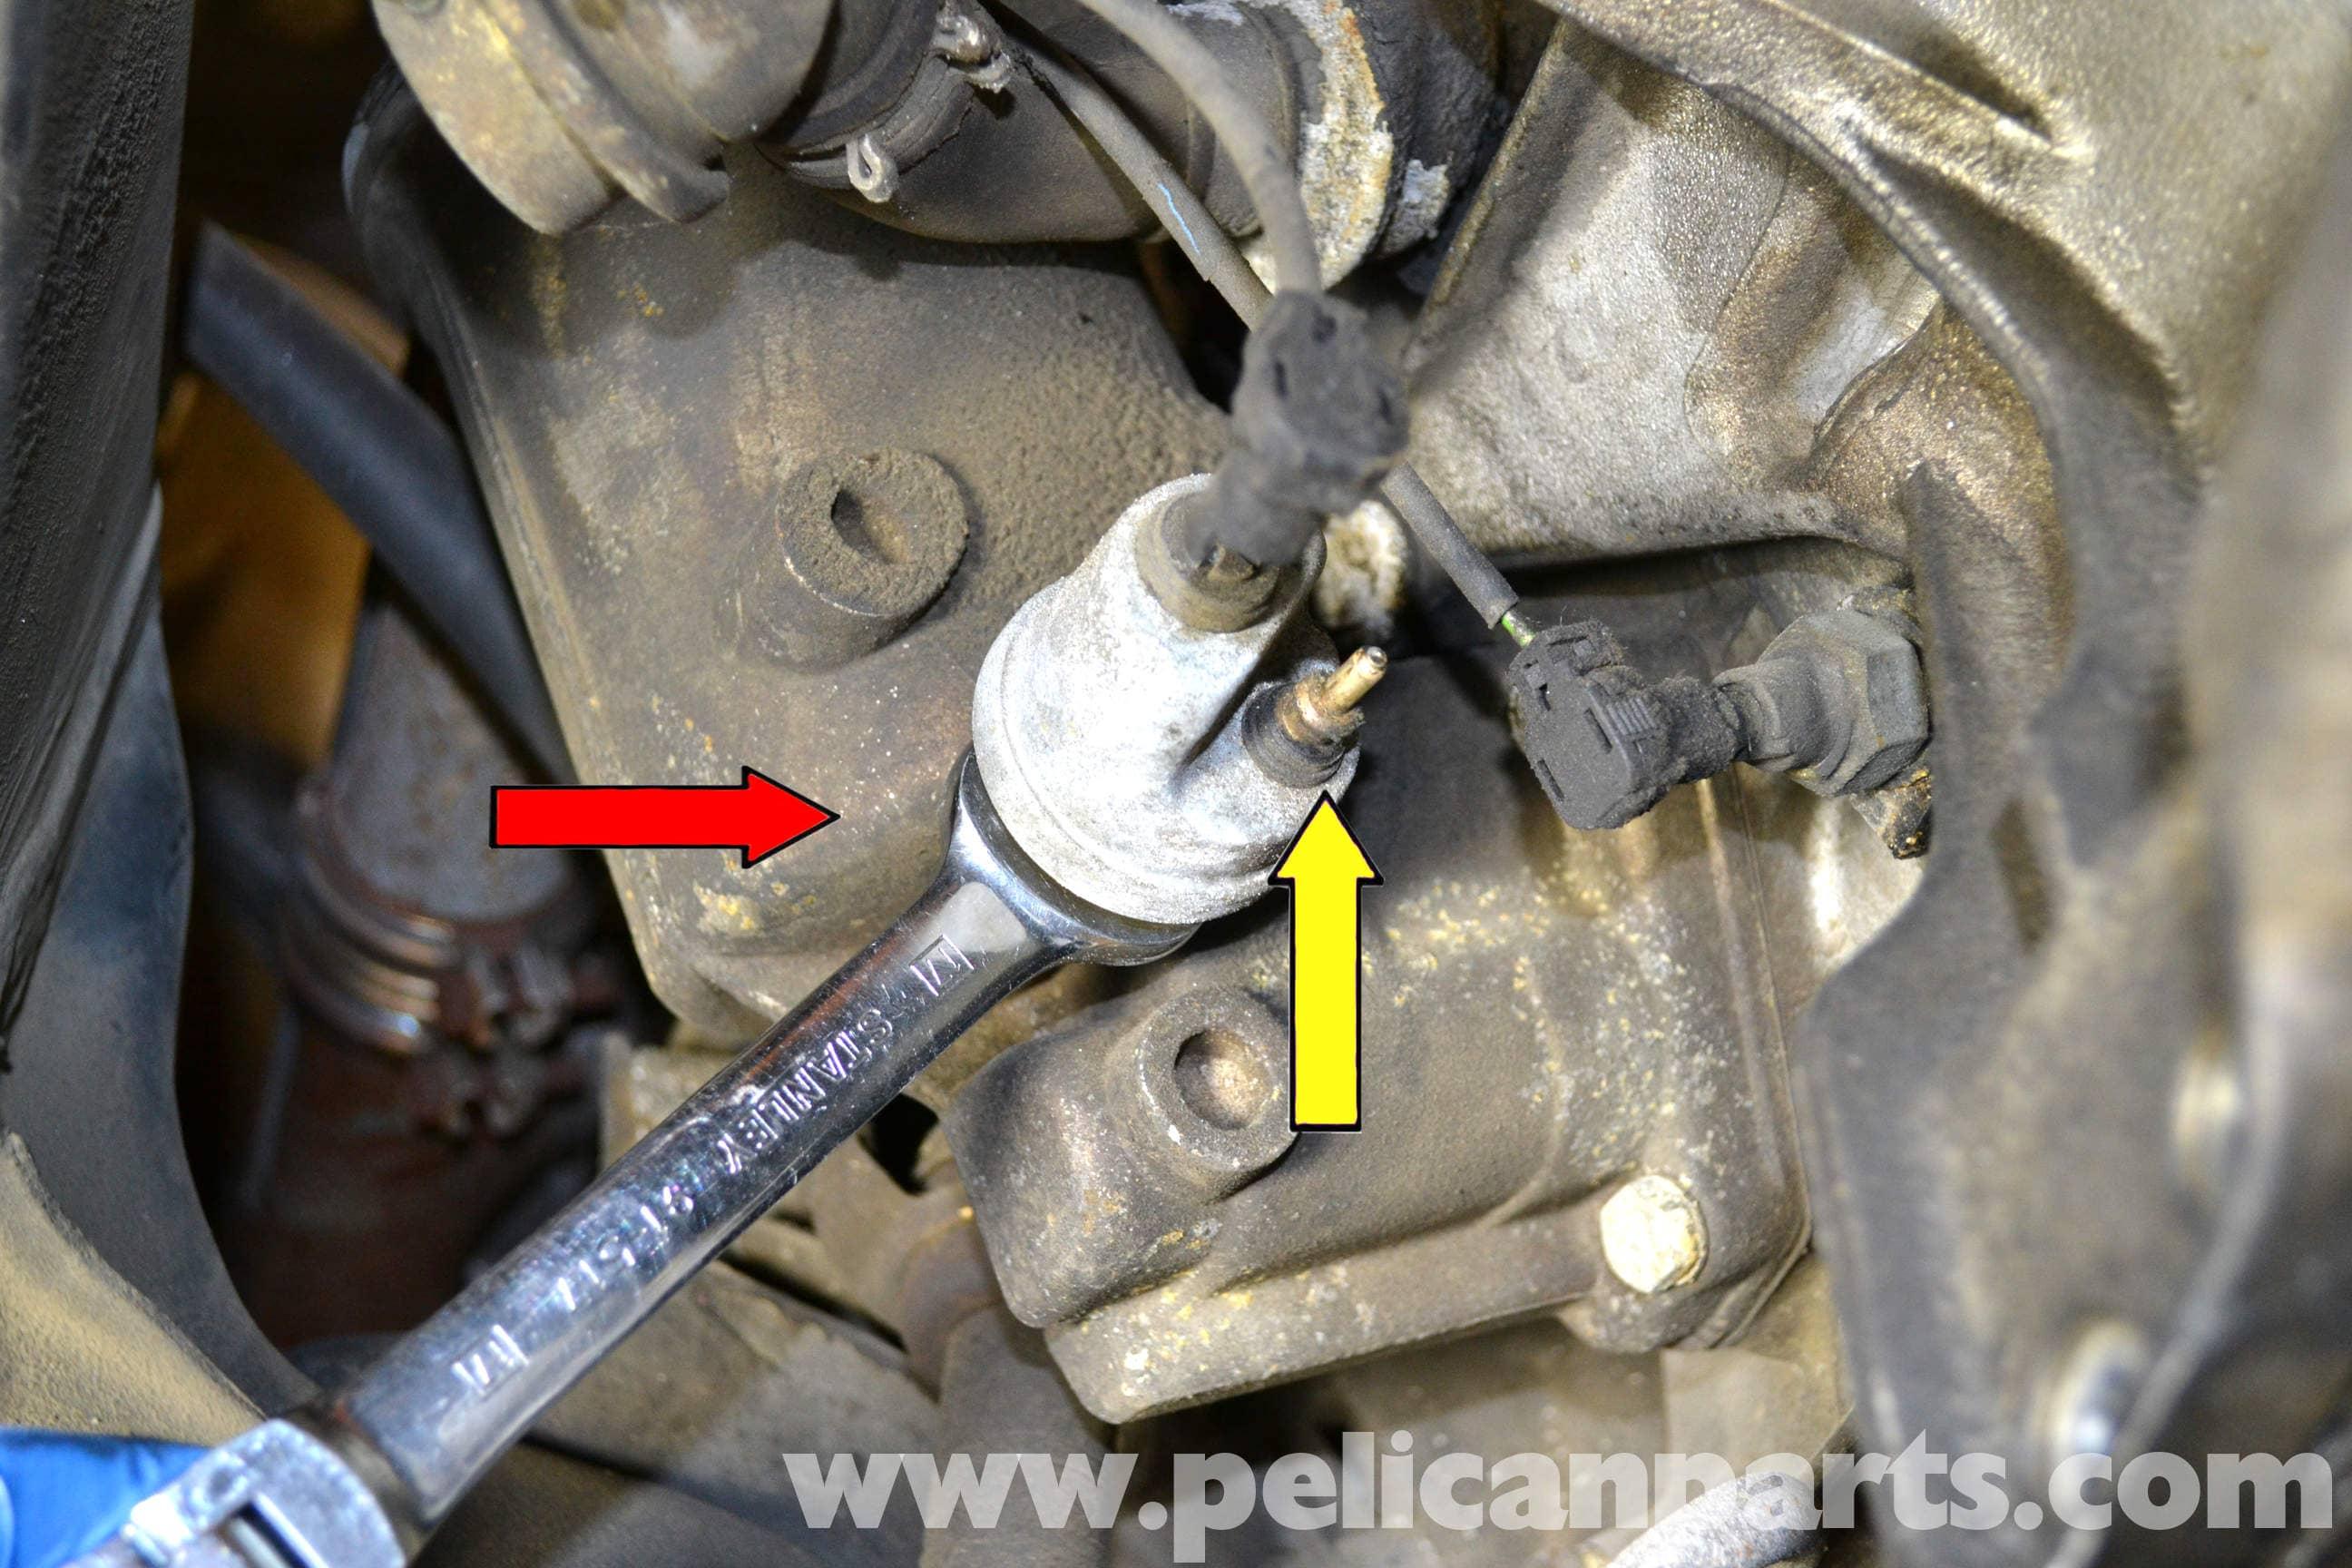 Mercedes Benz W126 Oil Pressure Sensor Replacement 1981 1991 S Class Pelican Parts Diy